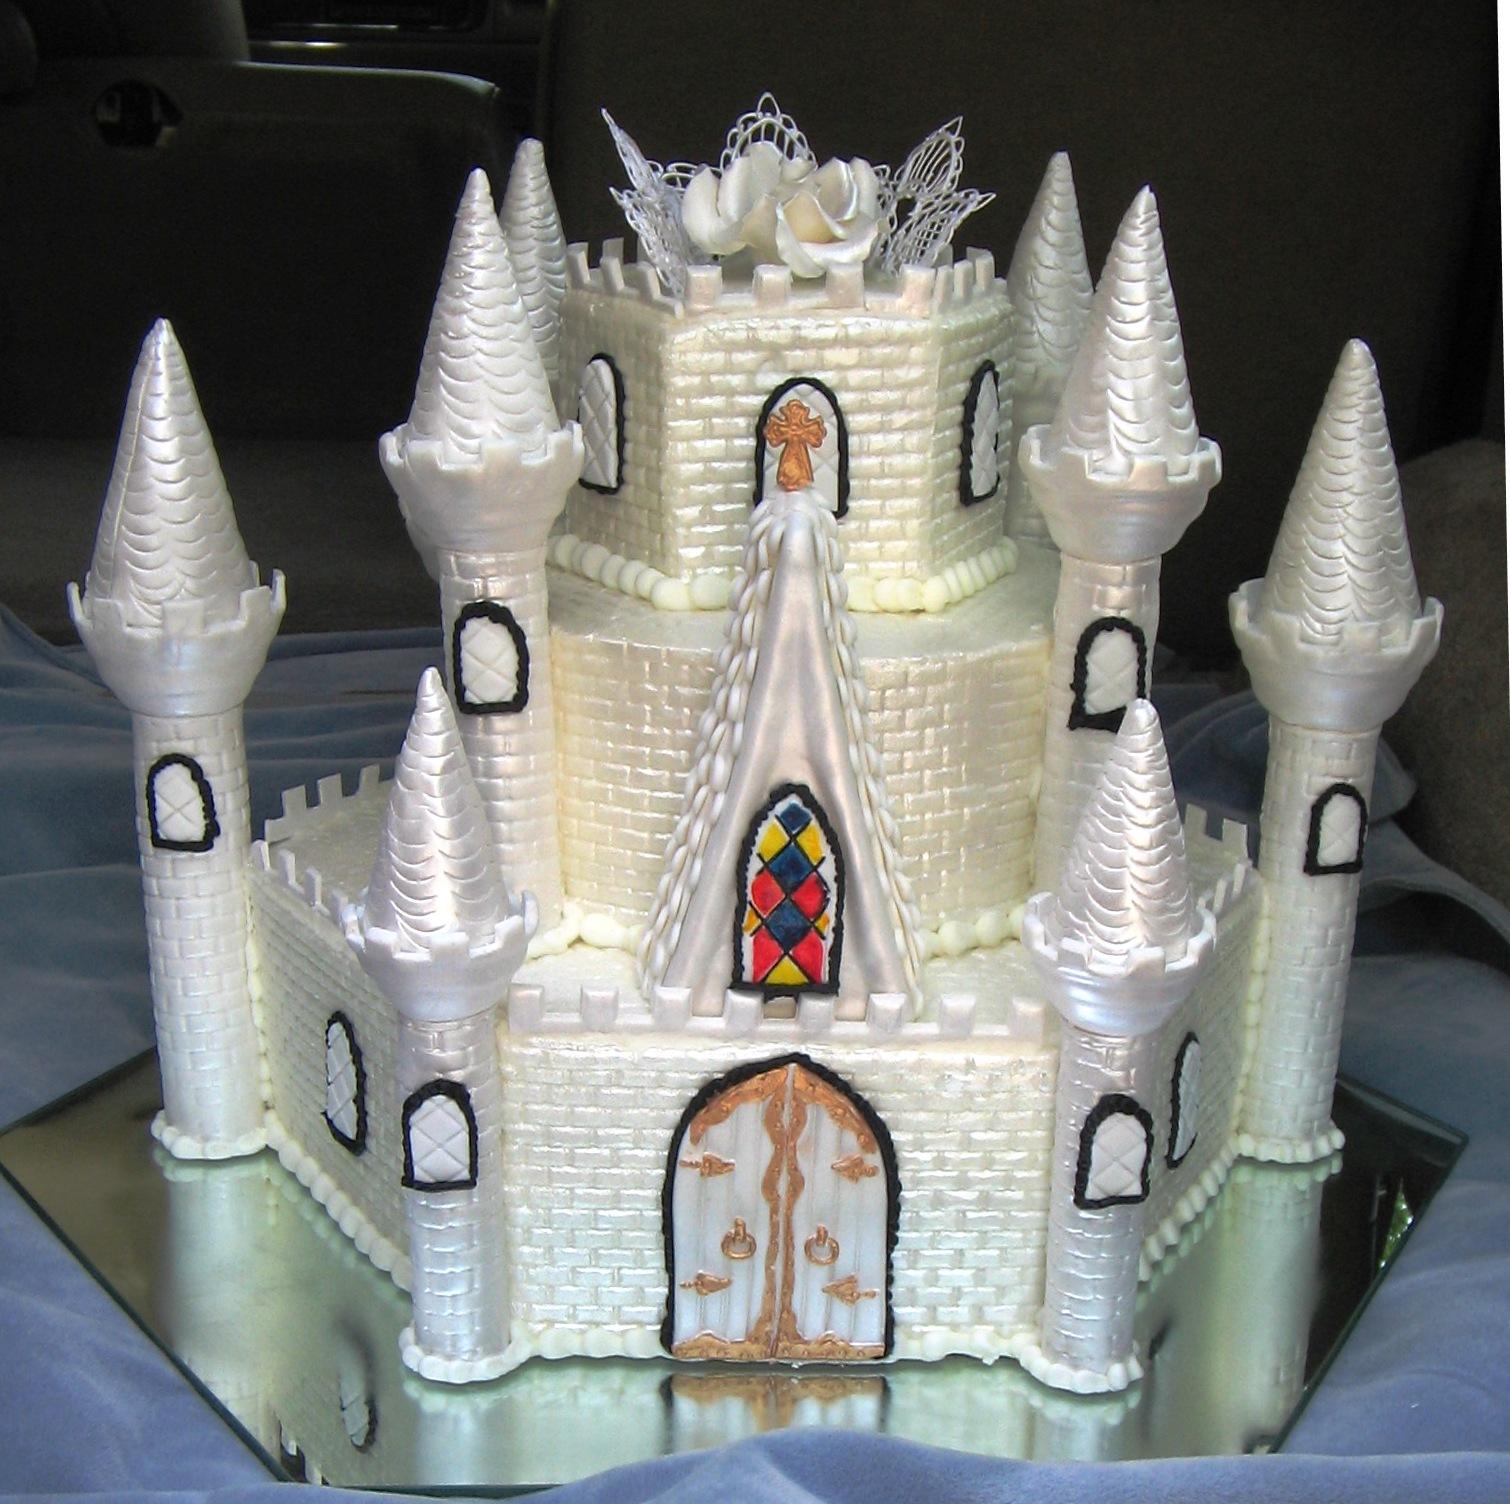 Castles & Kings